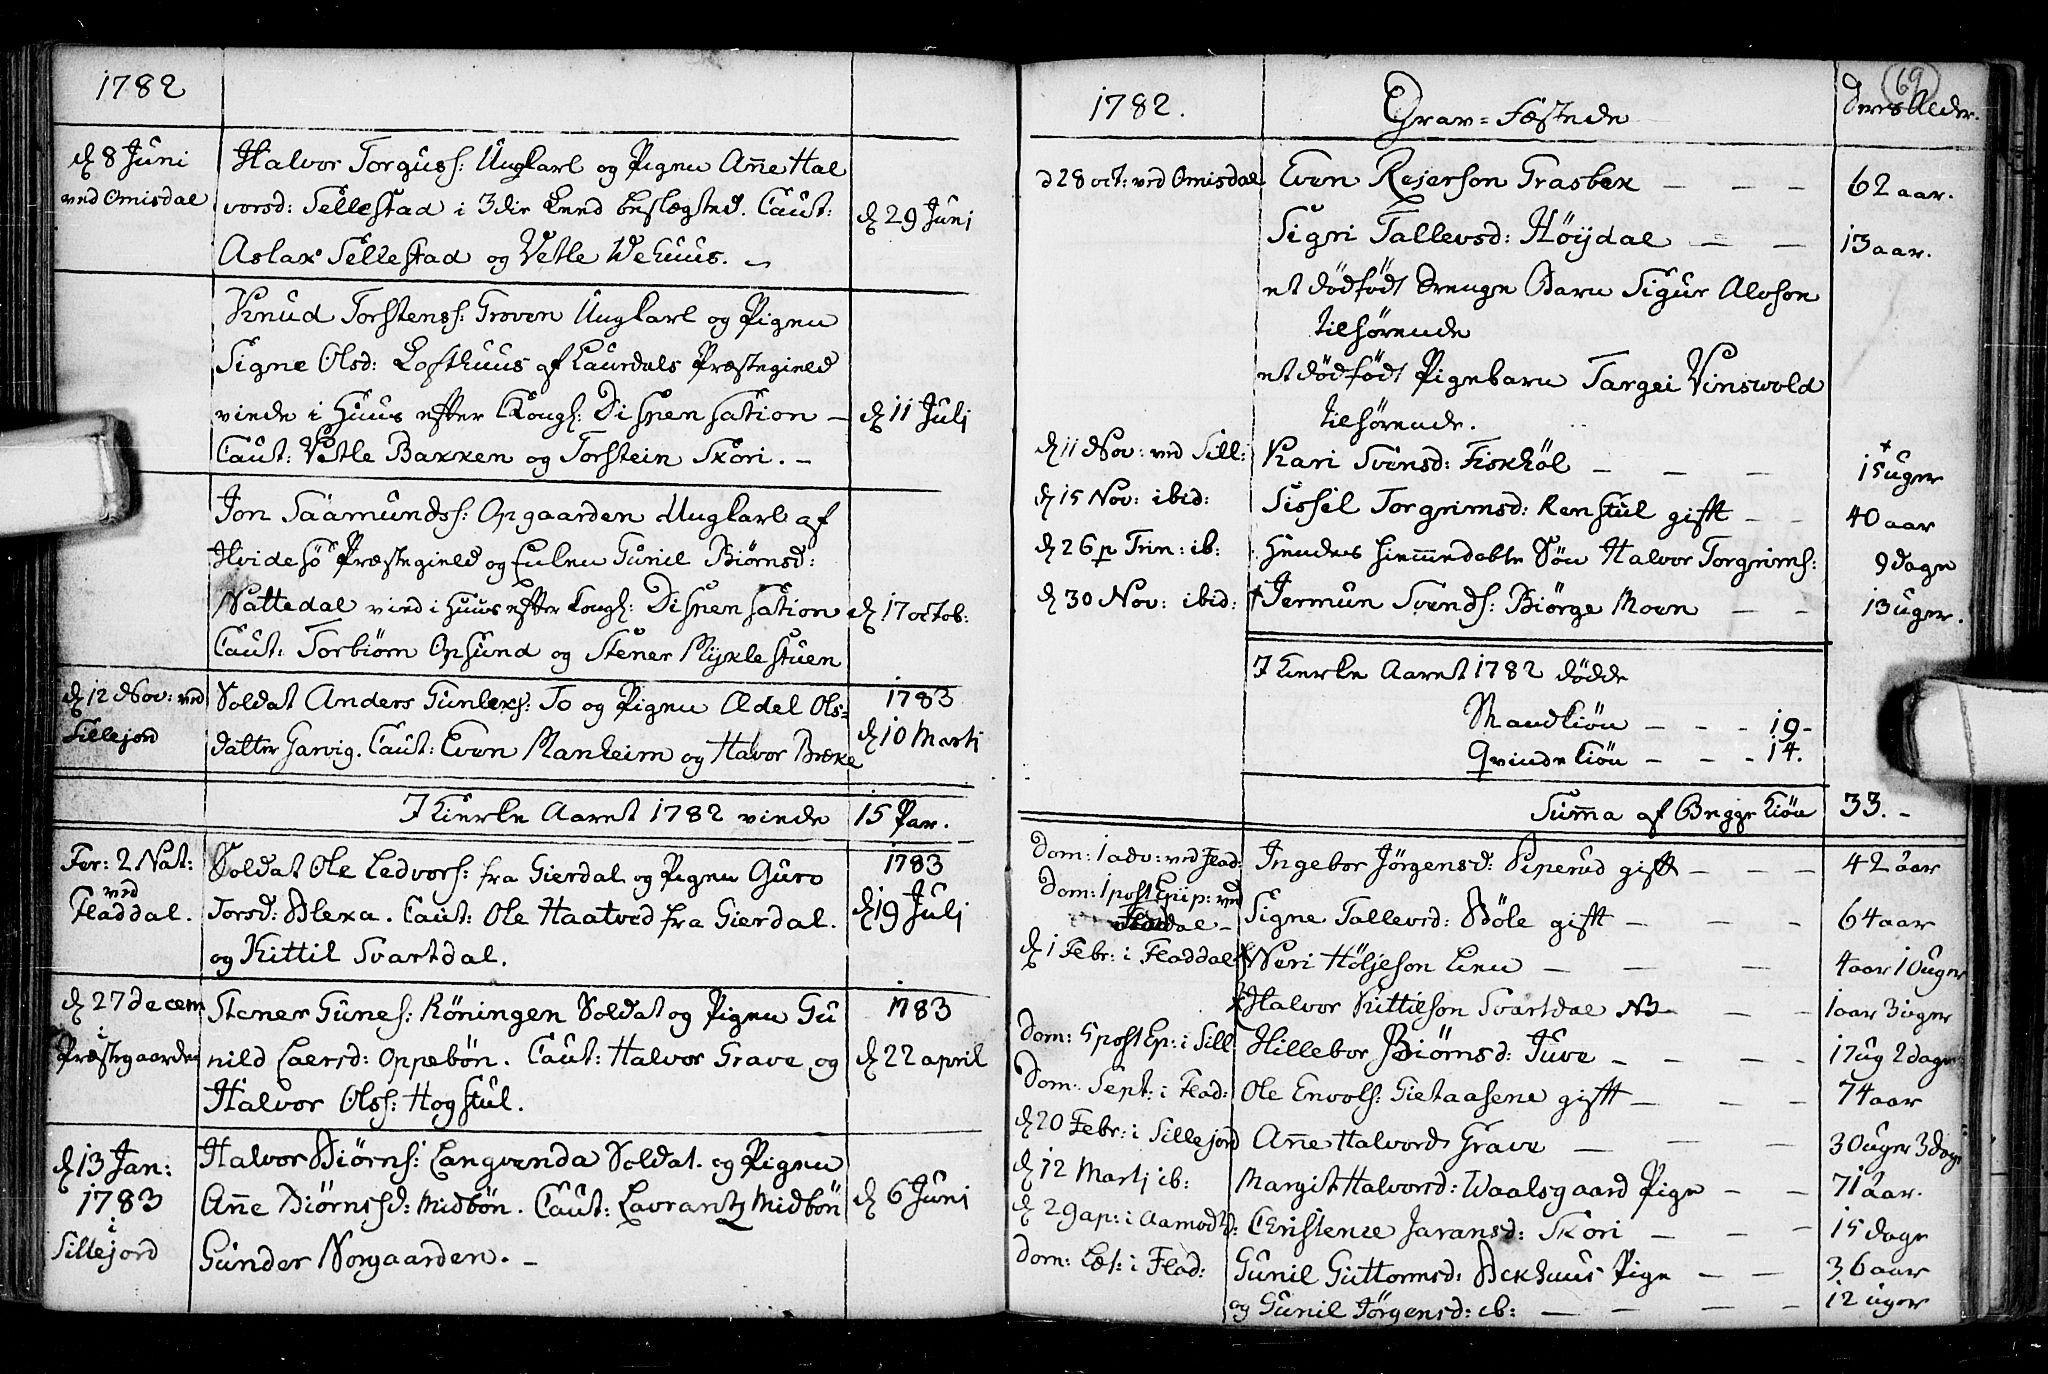 SAKO, Seljord kirkebøker, F/Fa/L0008: Ministerialbok nr. I 8, 1755-1814, s. 69